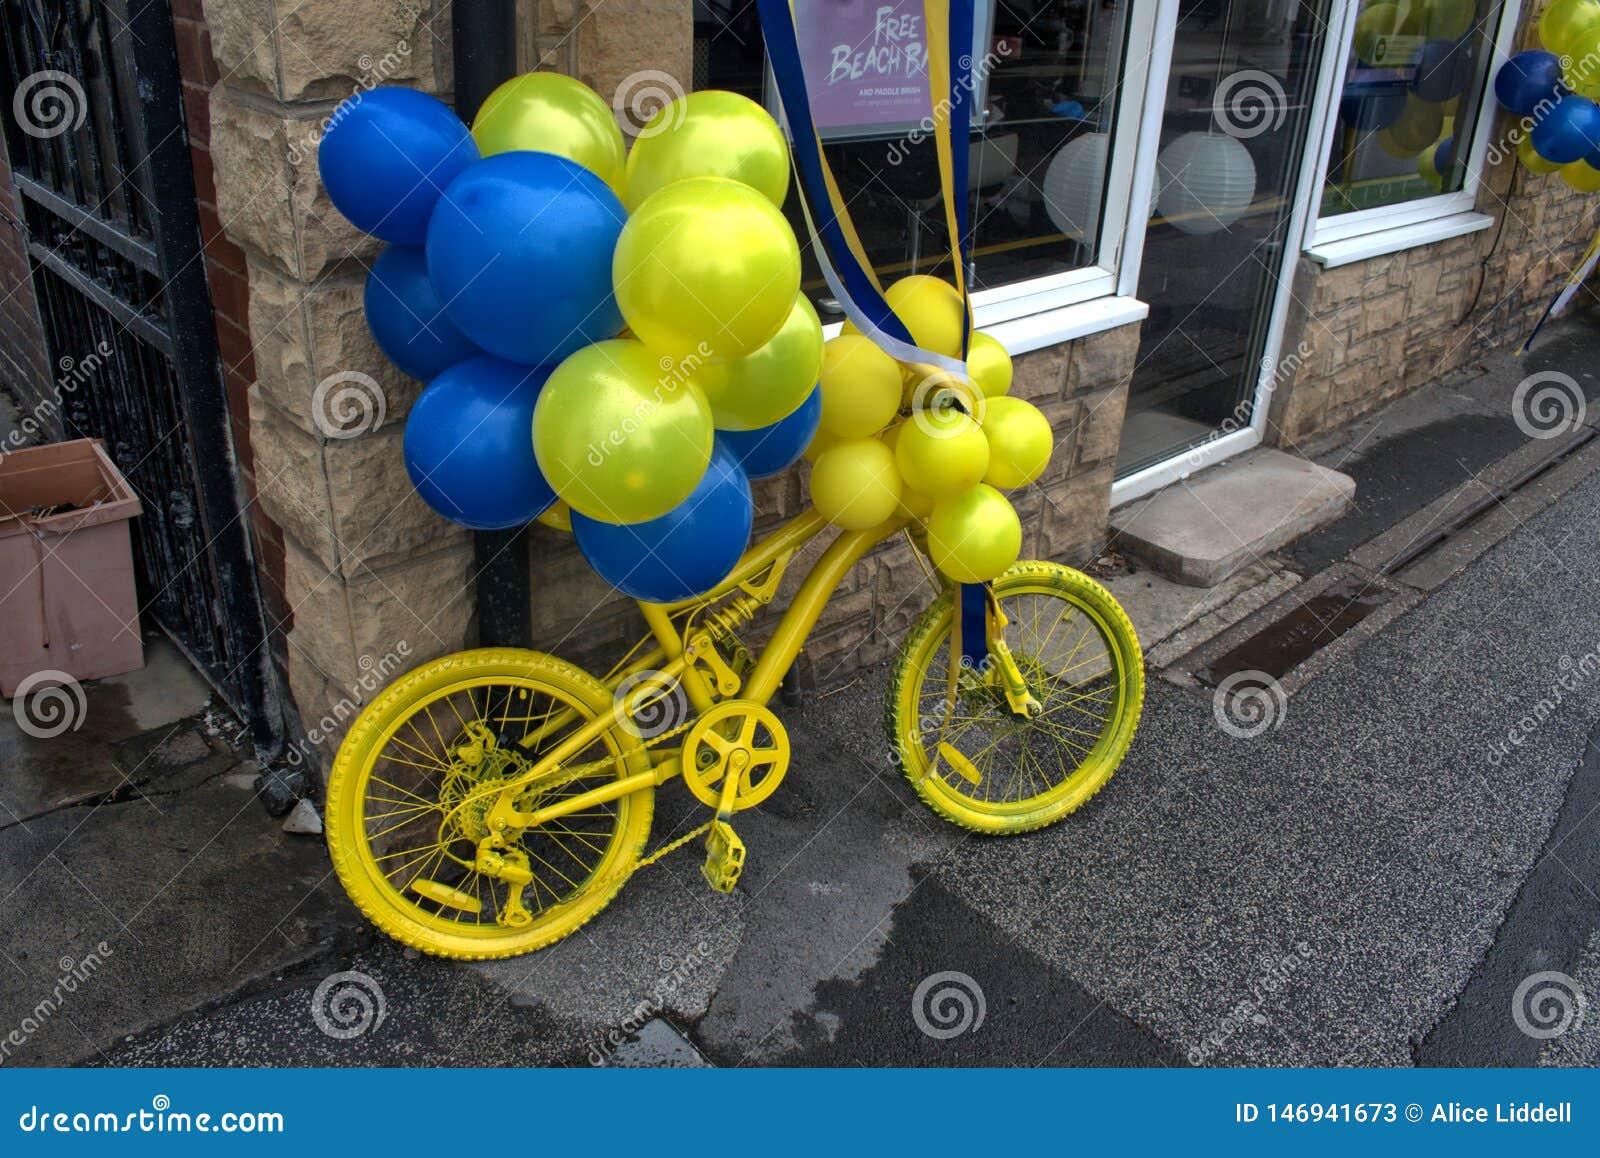 Κίτρινο ποδήλατο, με τα μπλε και κίτρινα μπαλόνια